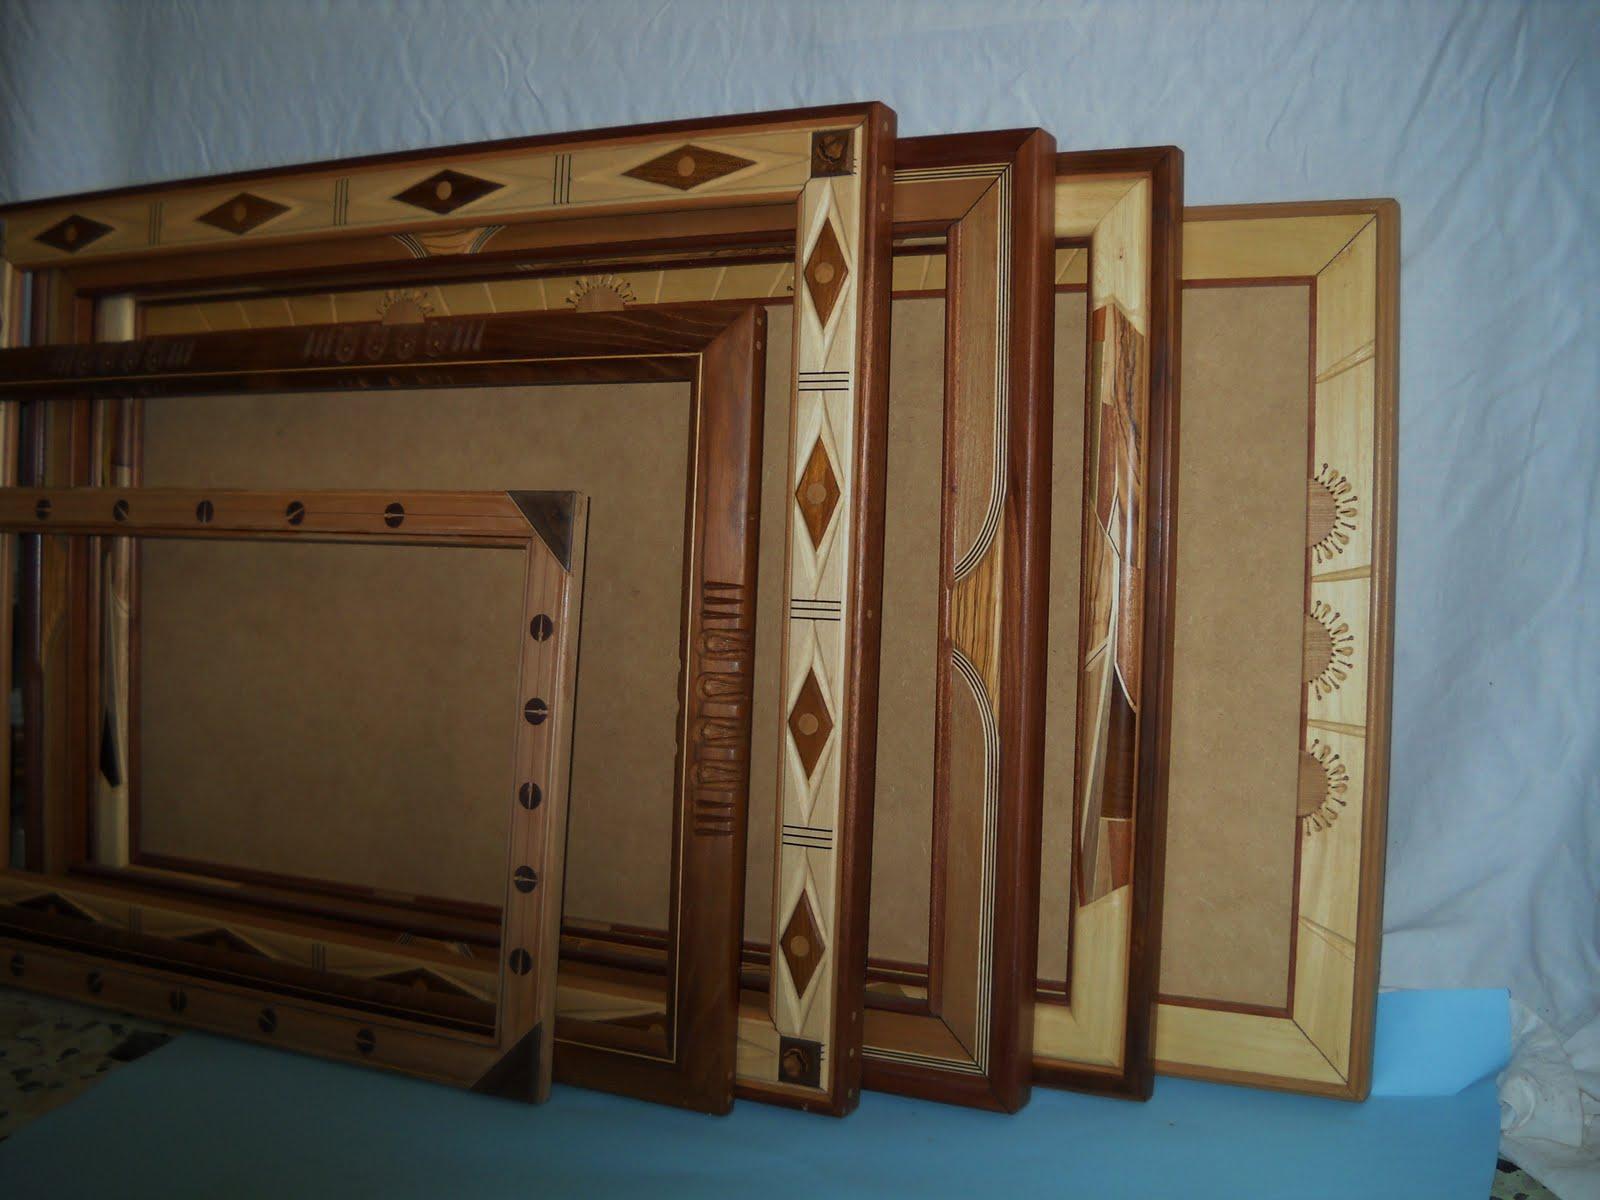 Dellaroccanicola cornici per specchi - Cornici per specchi ...